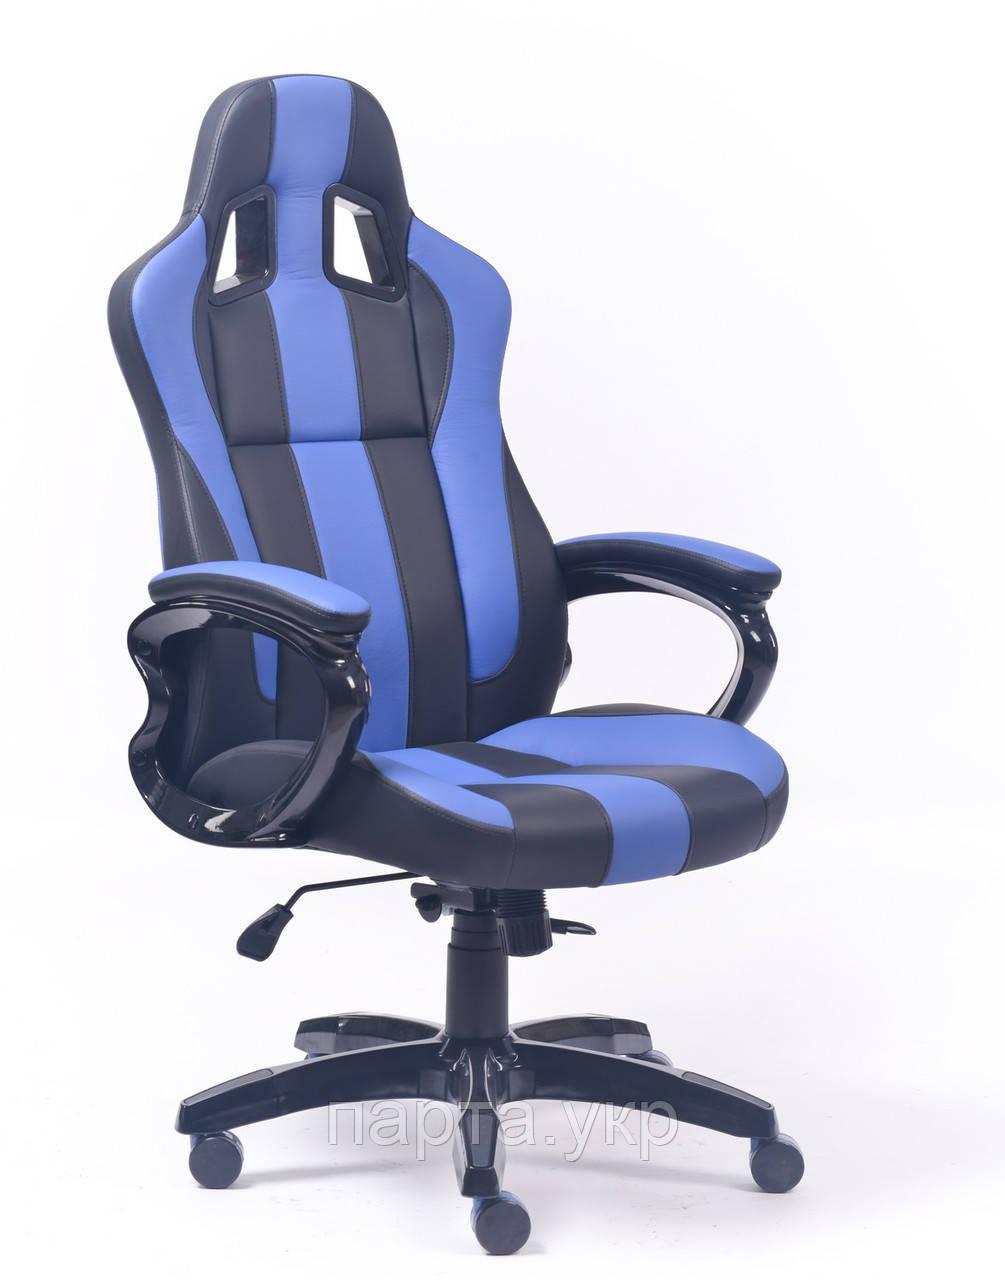 Эргономическое кресло для подростков SPORTDRIVE sd-1